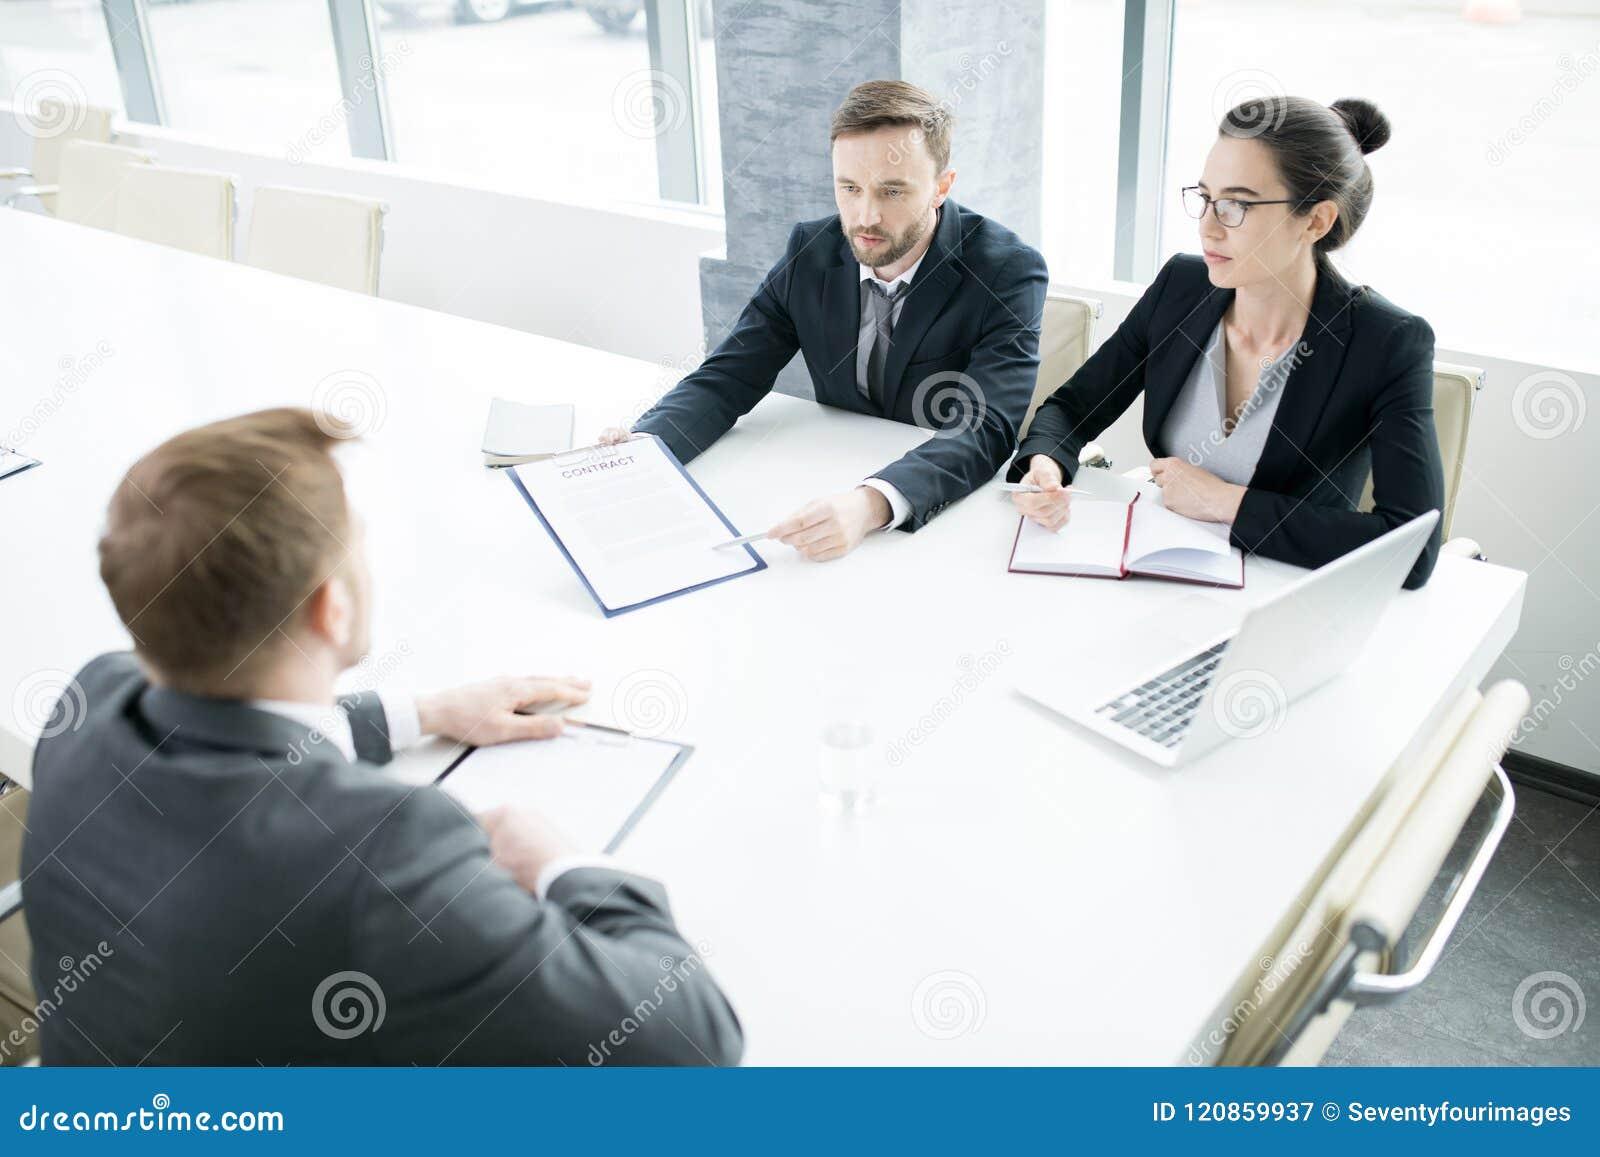 таблица людей деловой встречи